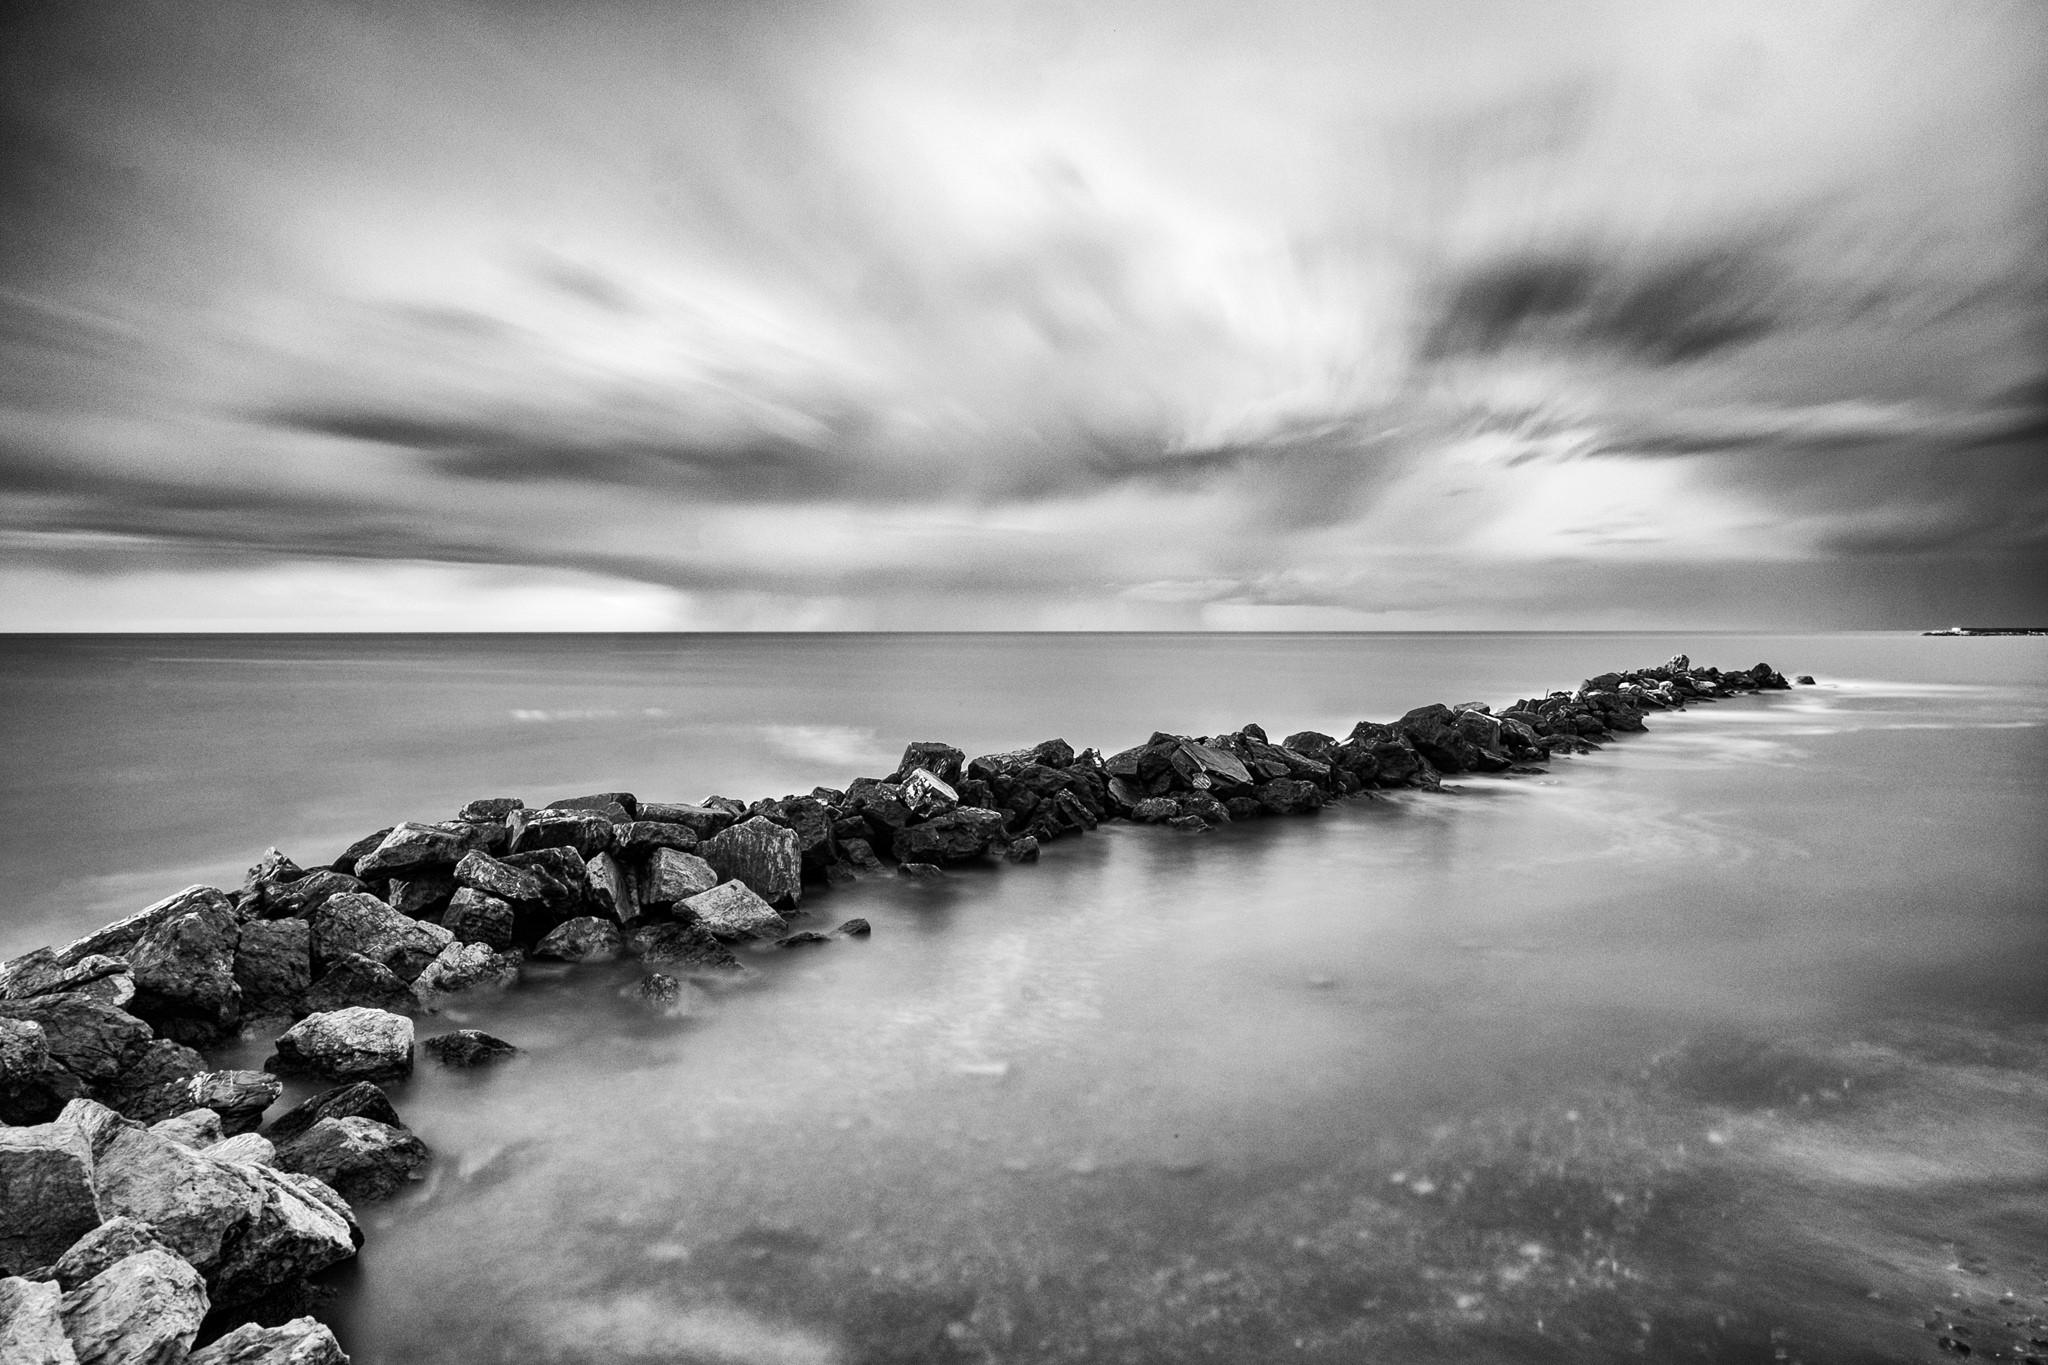 Moře s ND1000 filtrem. Autorem fotografie je Giovanni Tabbò. Fuji X-T1, XF14mm F2,8 R, 3 minuty, F22, ISO 200, ohnisko 14 mm